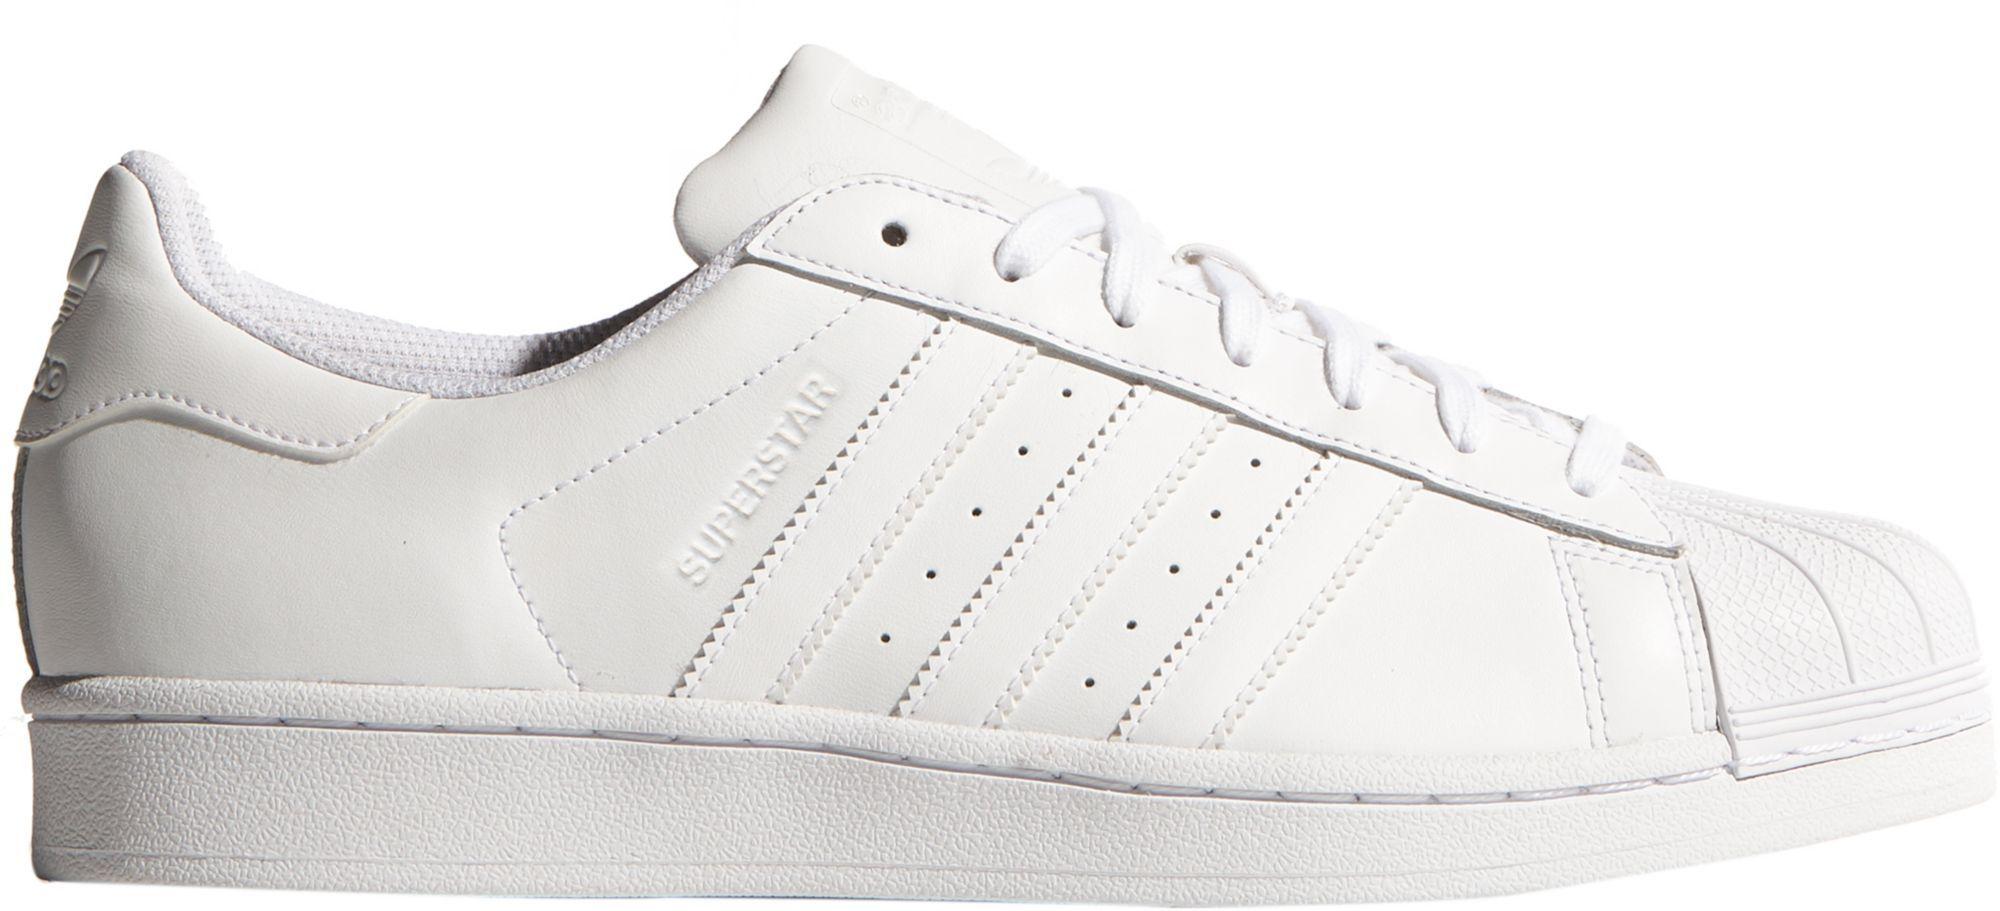 timeless design 1e5fb ed260 adidas Originals Men's Superstar Shoes, Size: 8.0, White ...